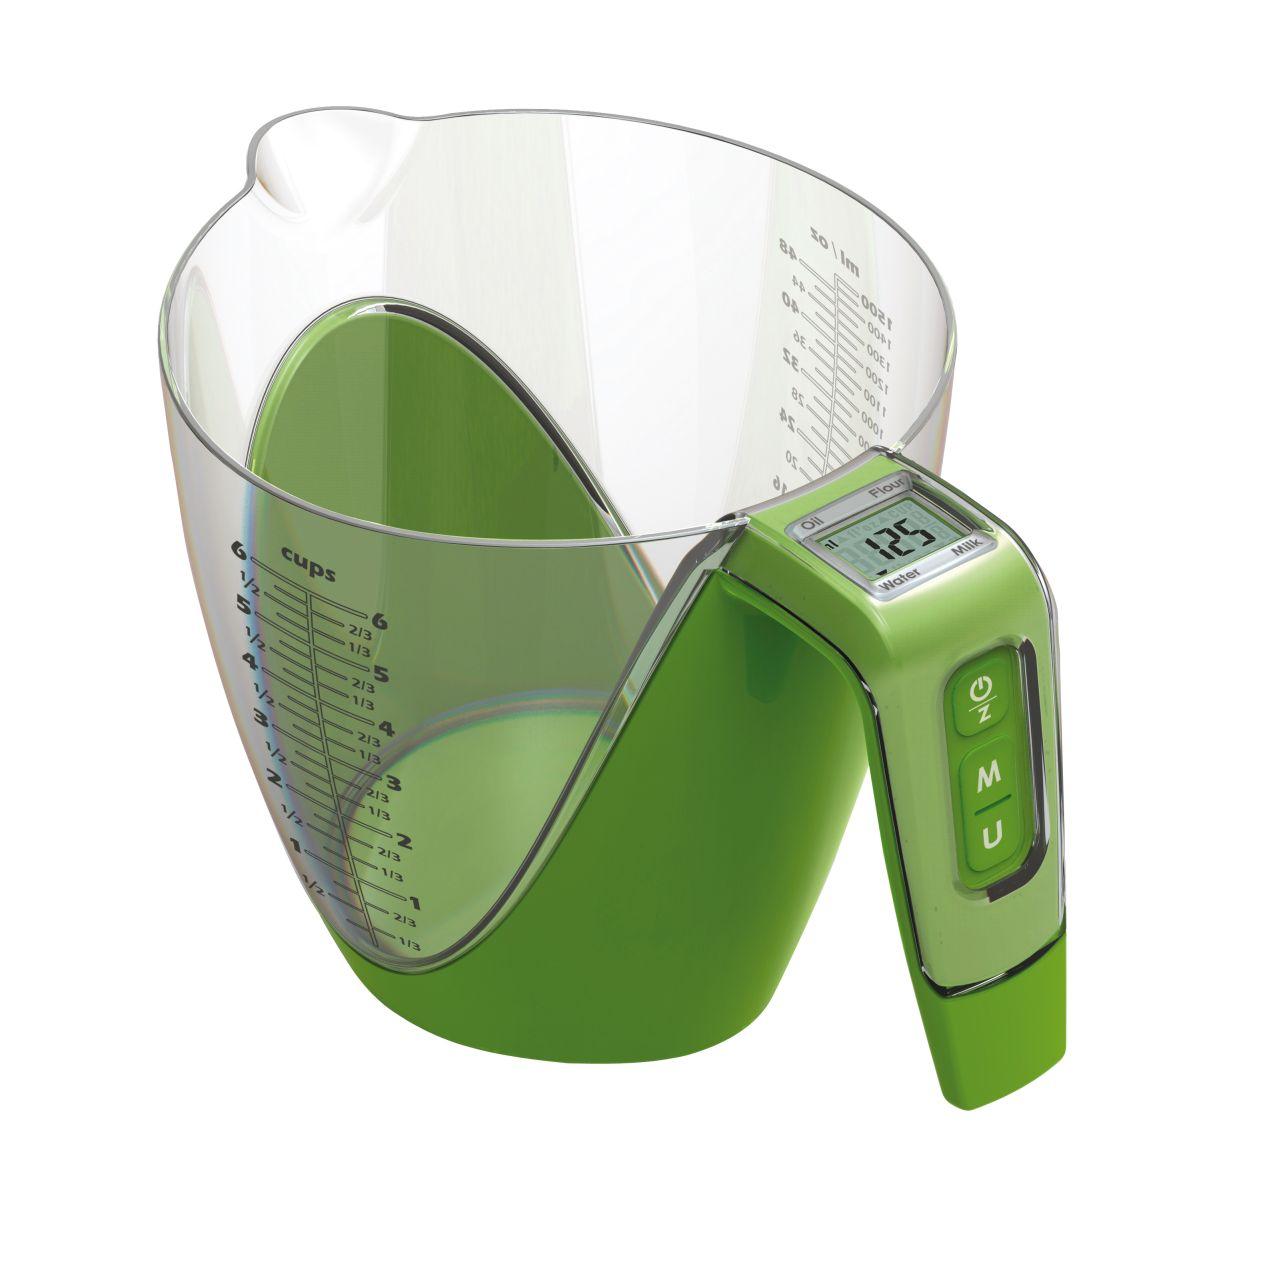 Kuchyňská váha s odměrkou 2in1 zelená - Carlo Giannini